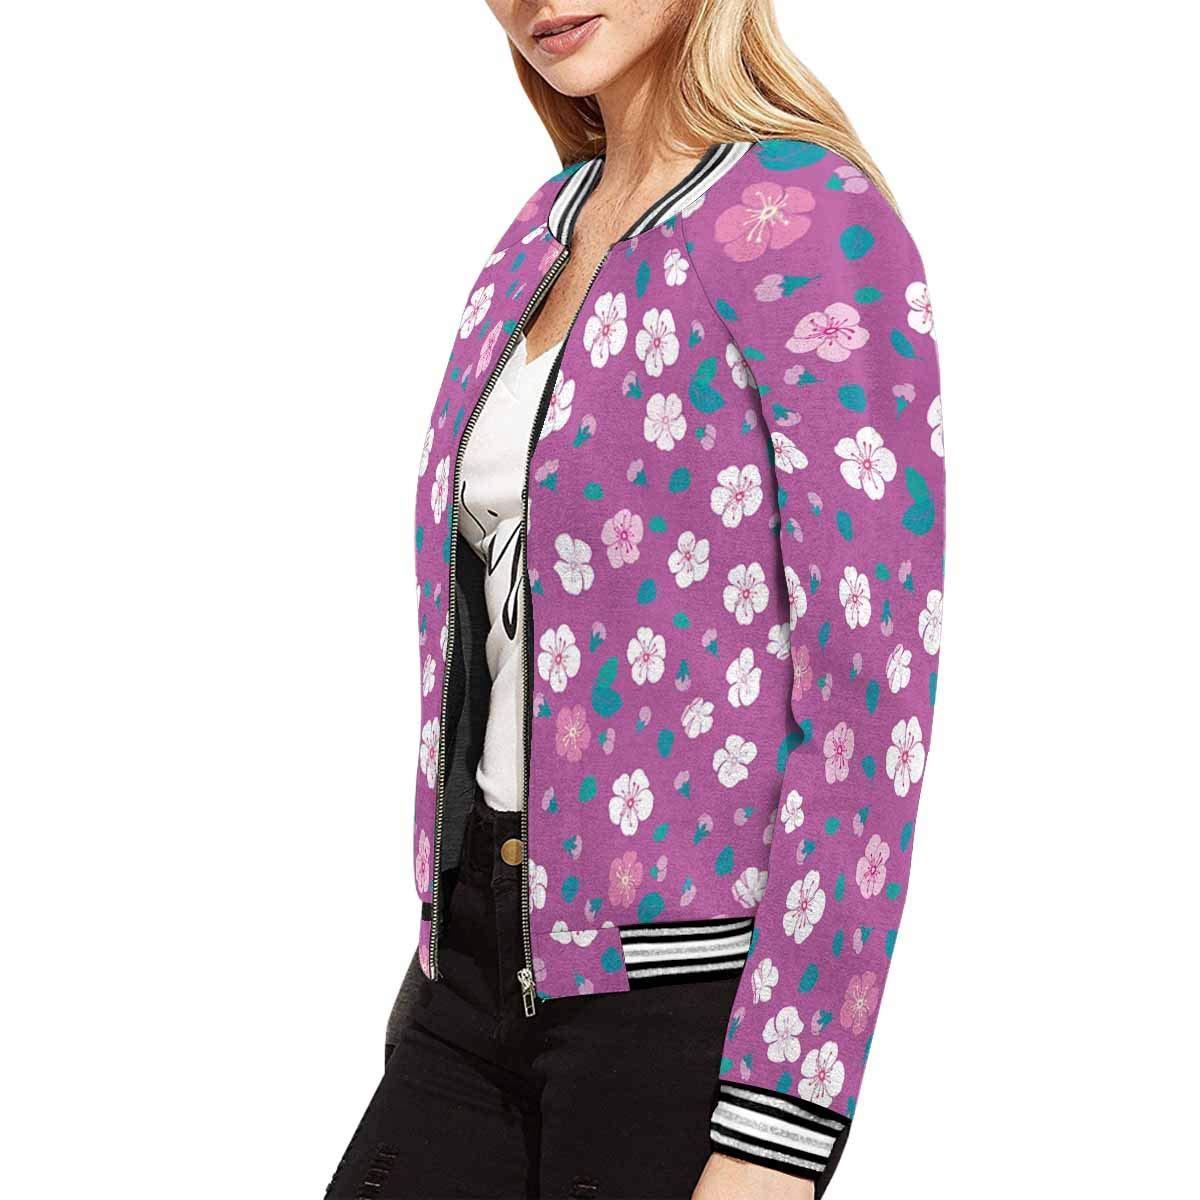 INTERESTPRINT Womens Lightweight Bomber Jackets and Coats